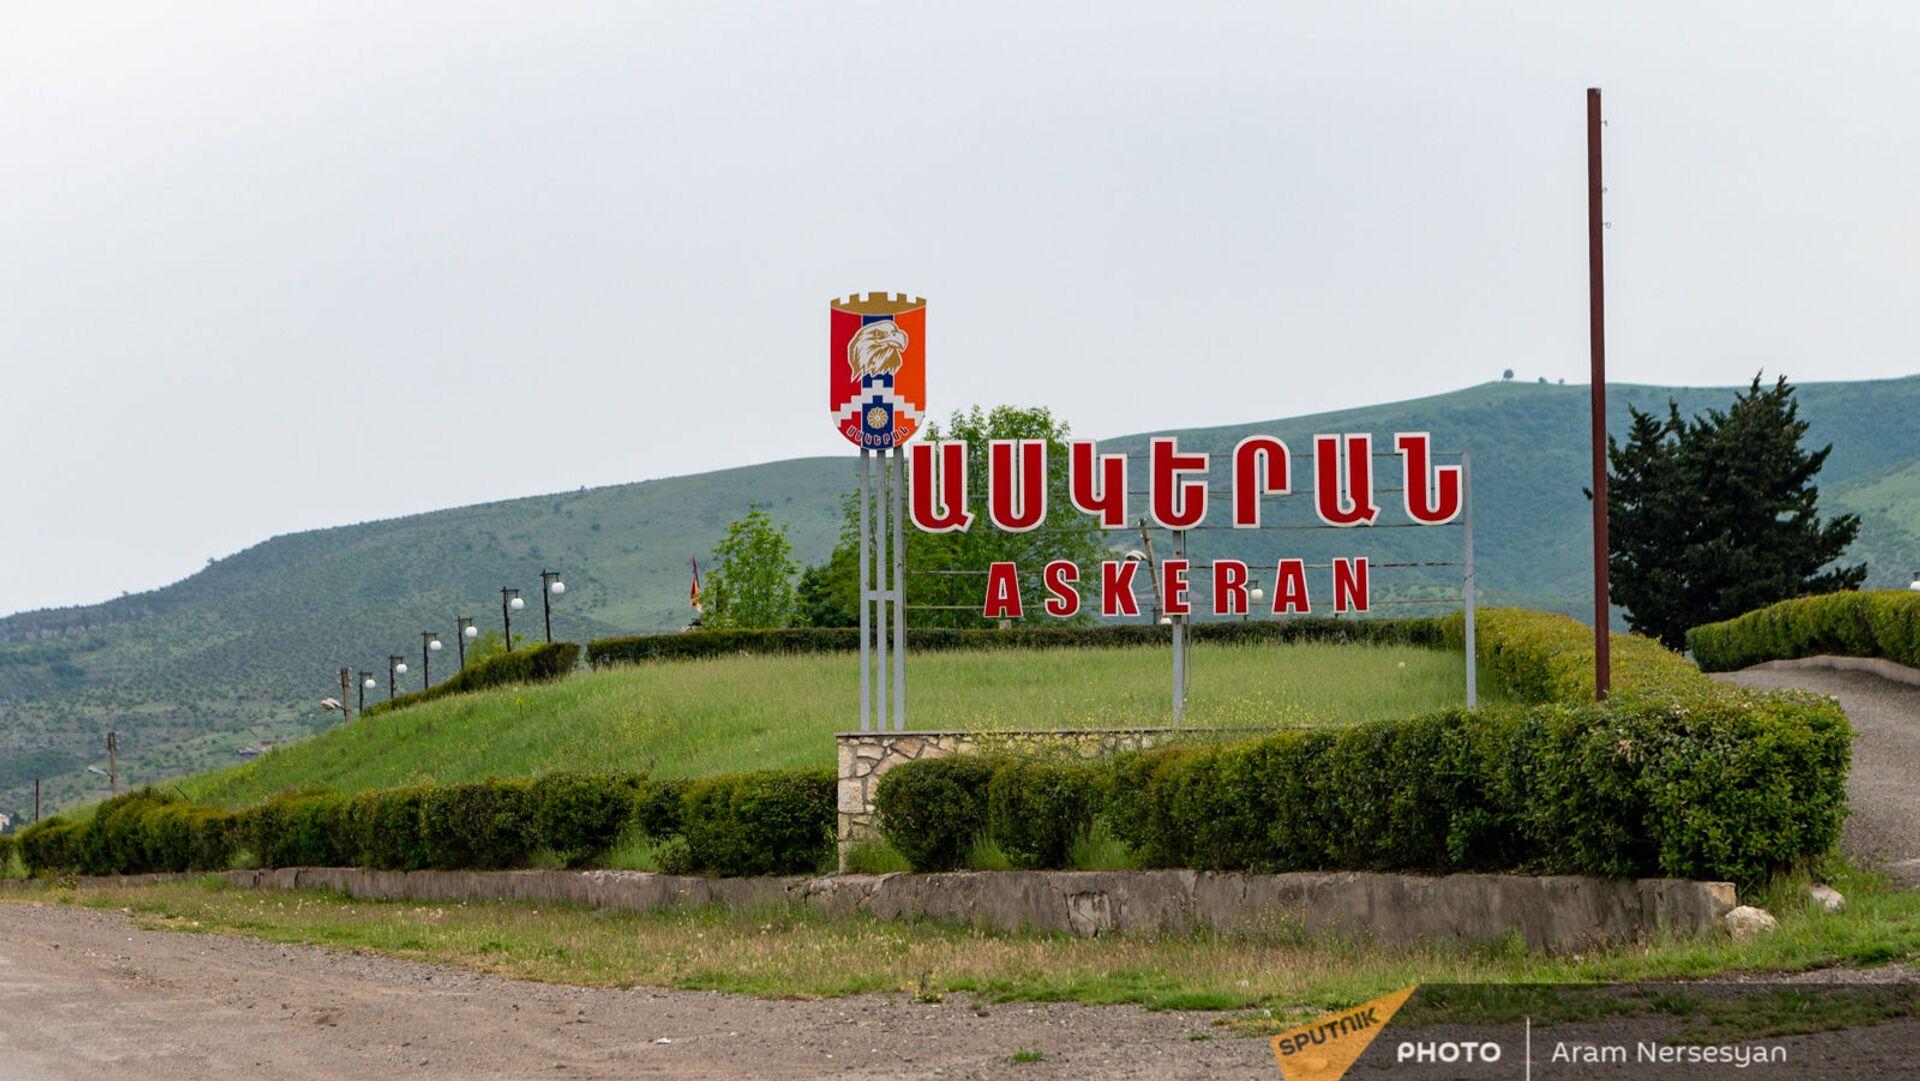 Надпись при въезде в город Аскеран - Sputnik Армения, 1920, 17.09.2021